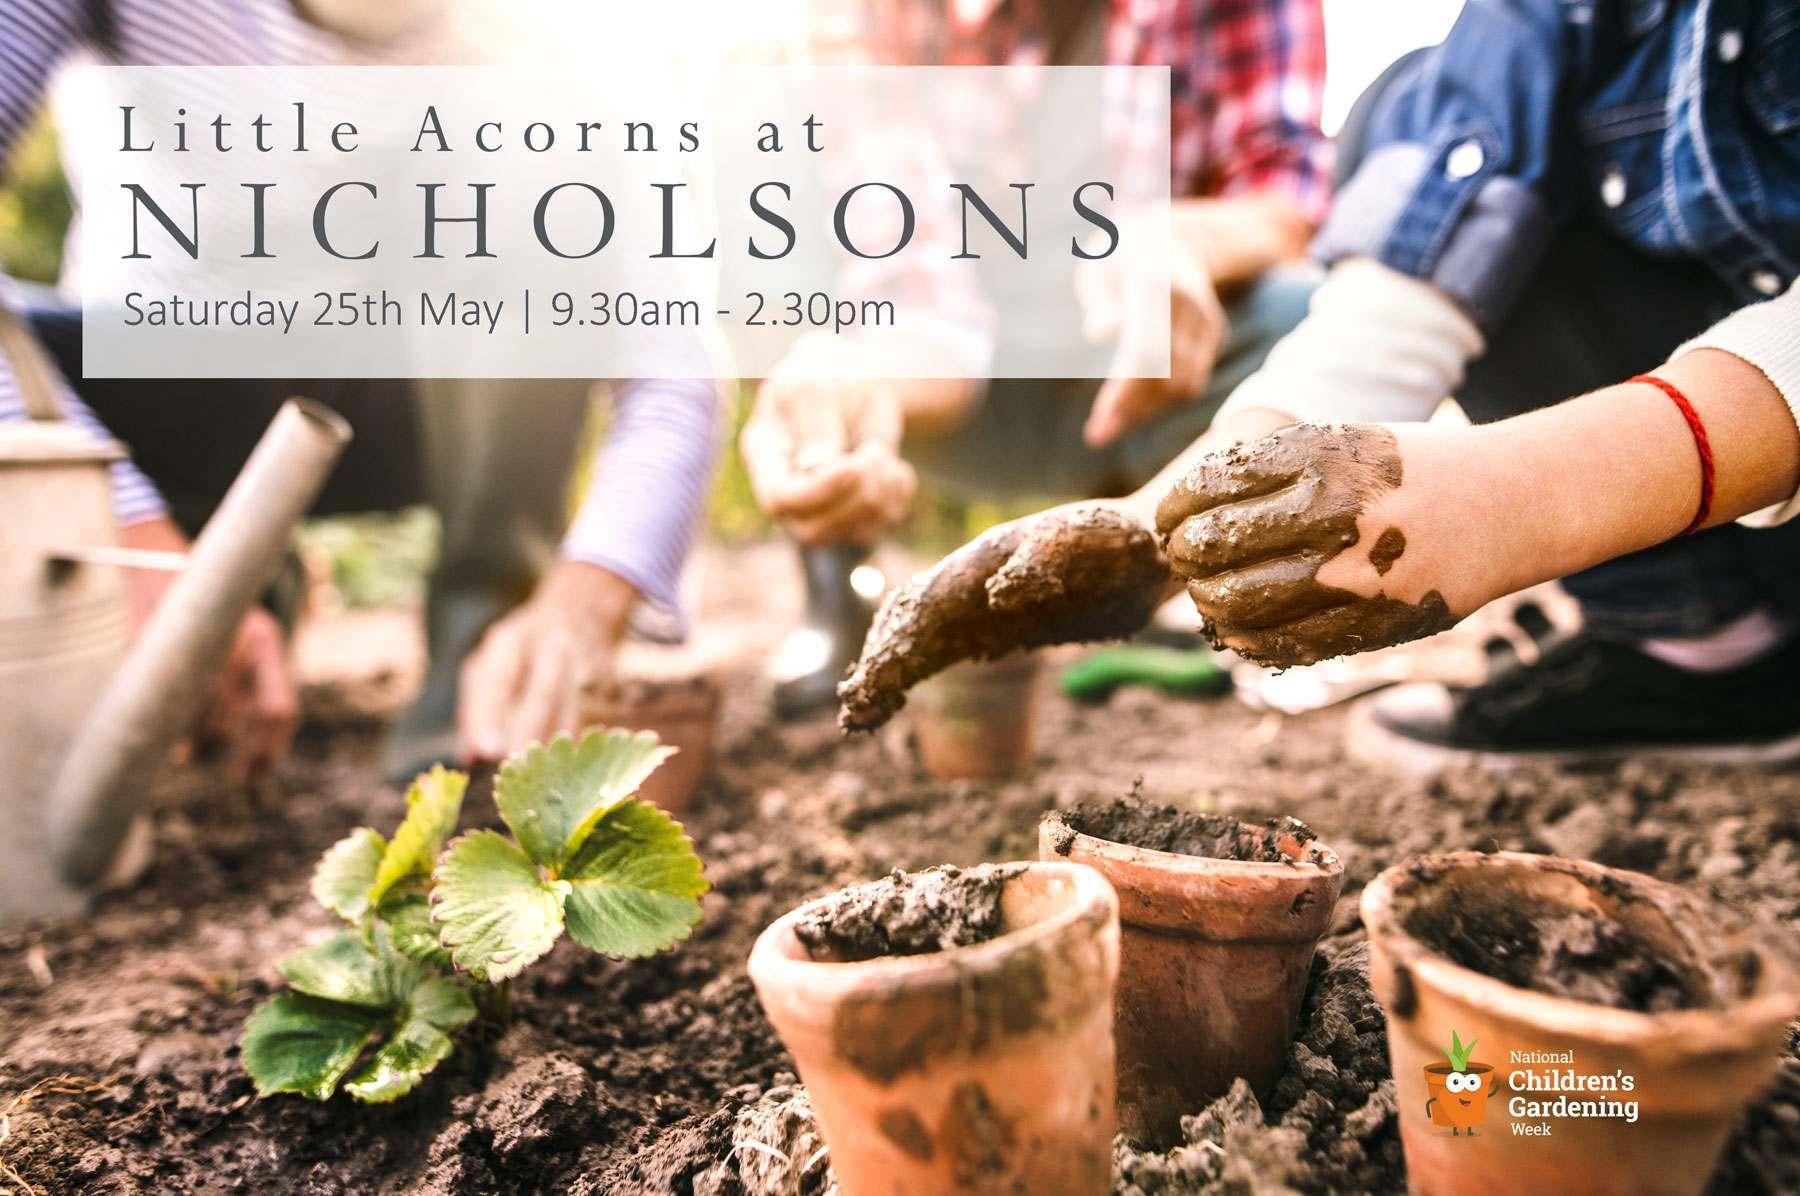 Little Acorns at Nicholsons